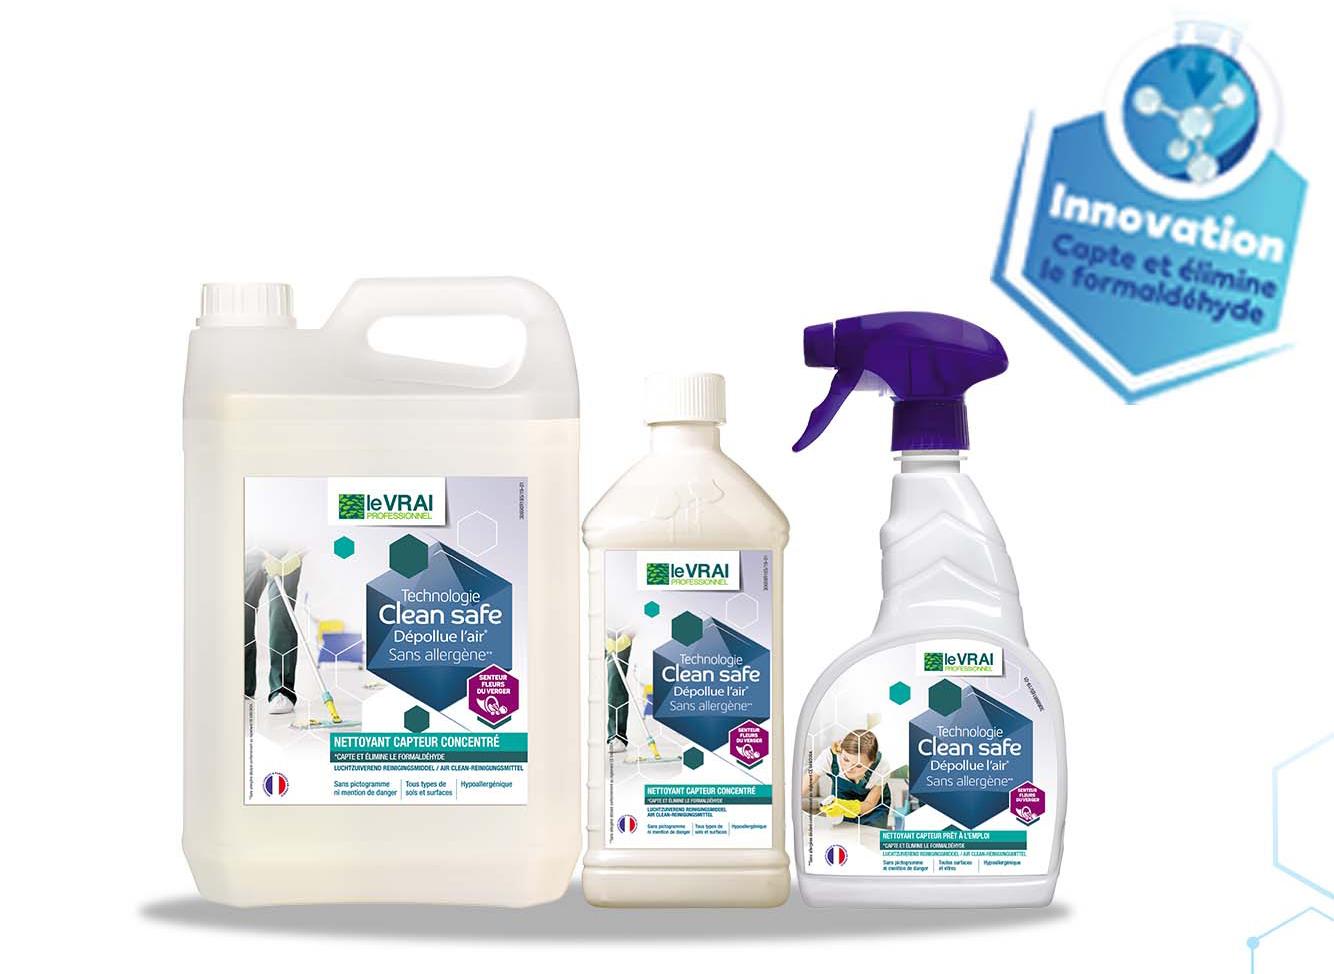 Produit Clean Safe Nettoyant Capteur